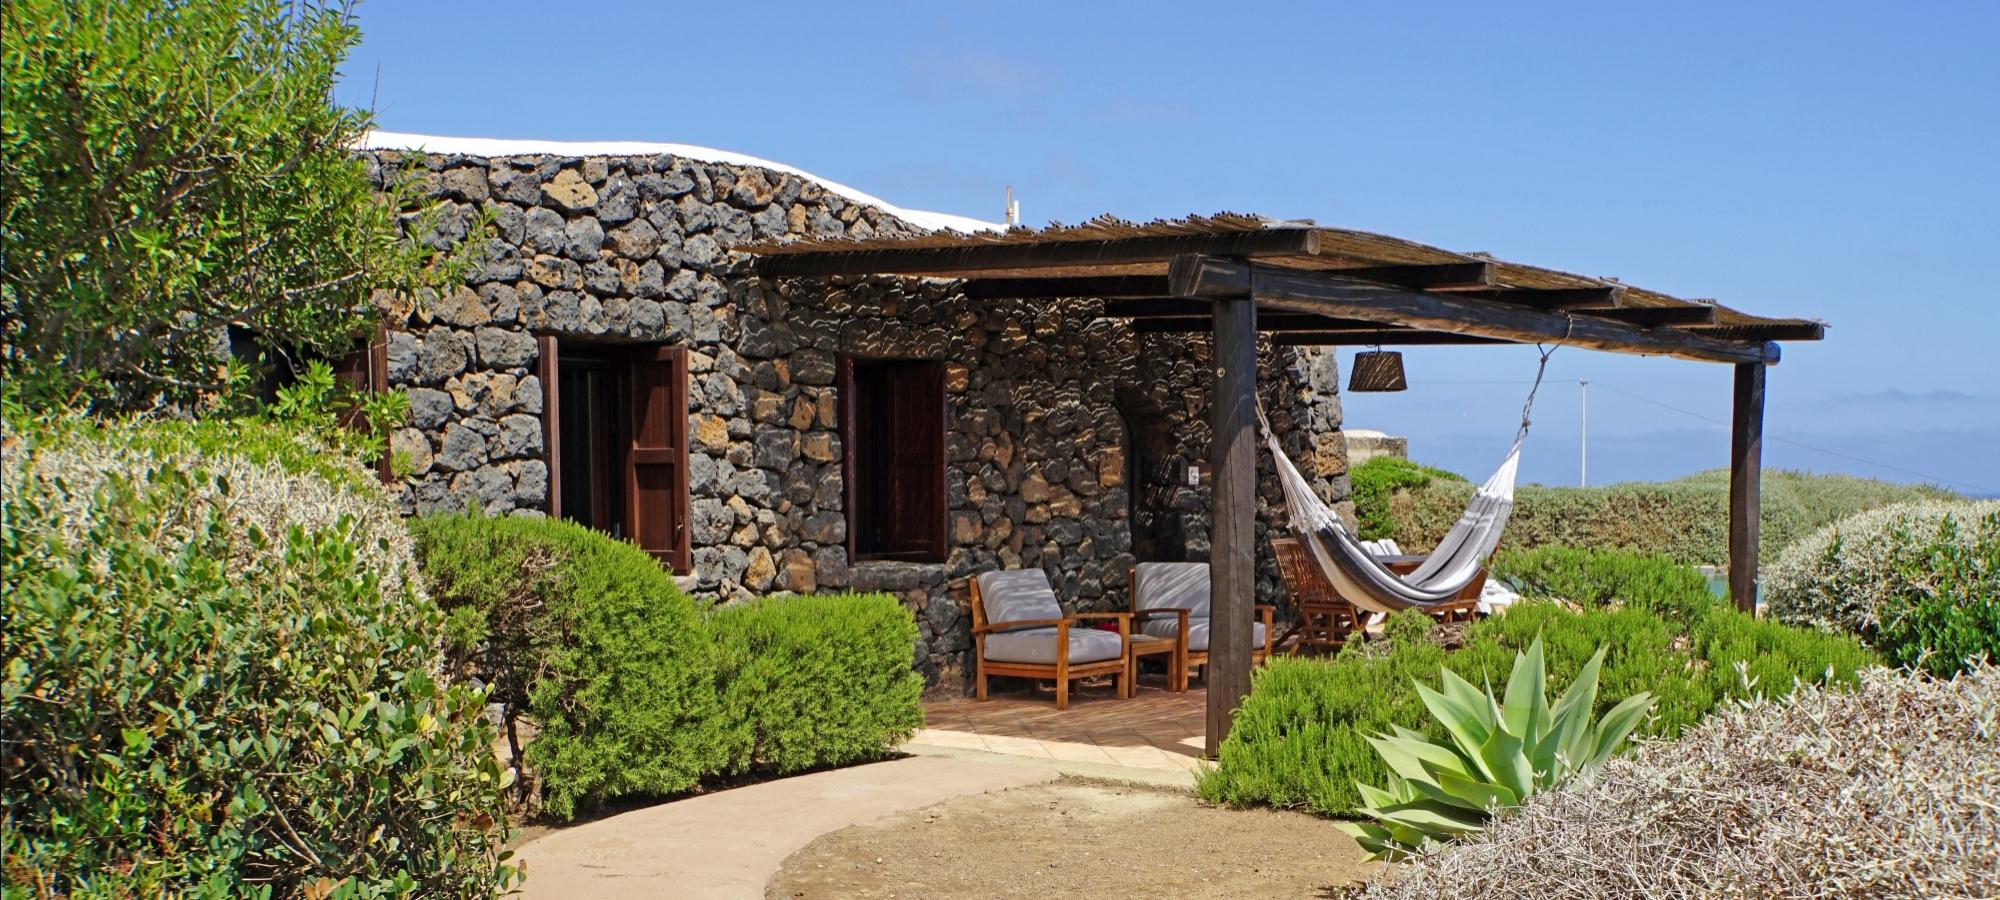 Dammuso di lusso a Pantelleria